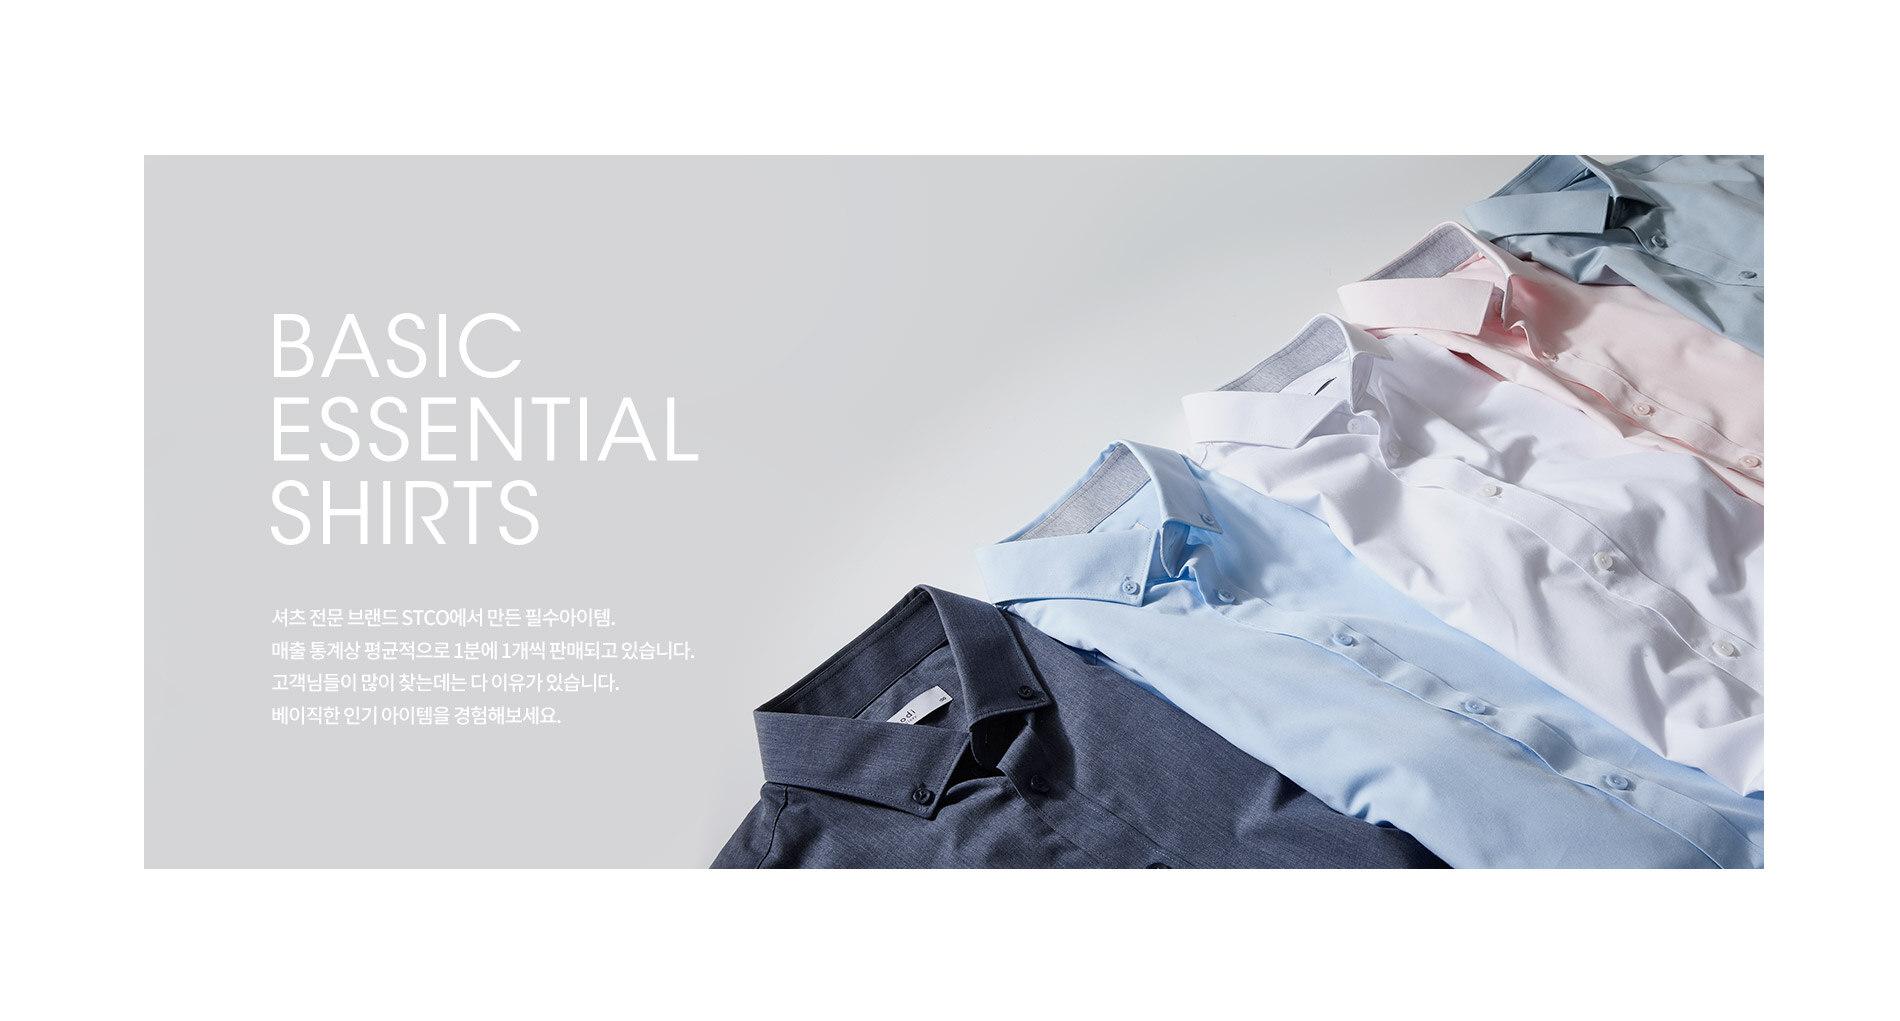 basic essential shirts : 셔츠 전문 브랜드 stco에서 만든 필수아이템. 매출 통계상 평균적으로 1분에 1개씩 판매되고 있습니다. 고객님들이 많이 찾는데는 다 이유가 있습니다. 베이직한 인기 아이템을 경험해보세요.